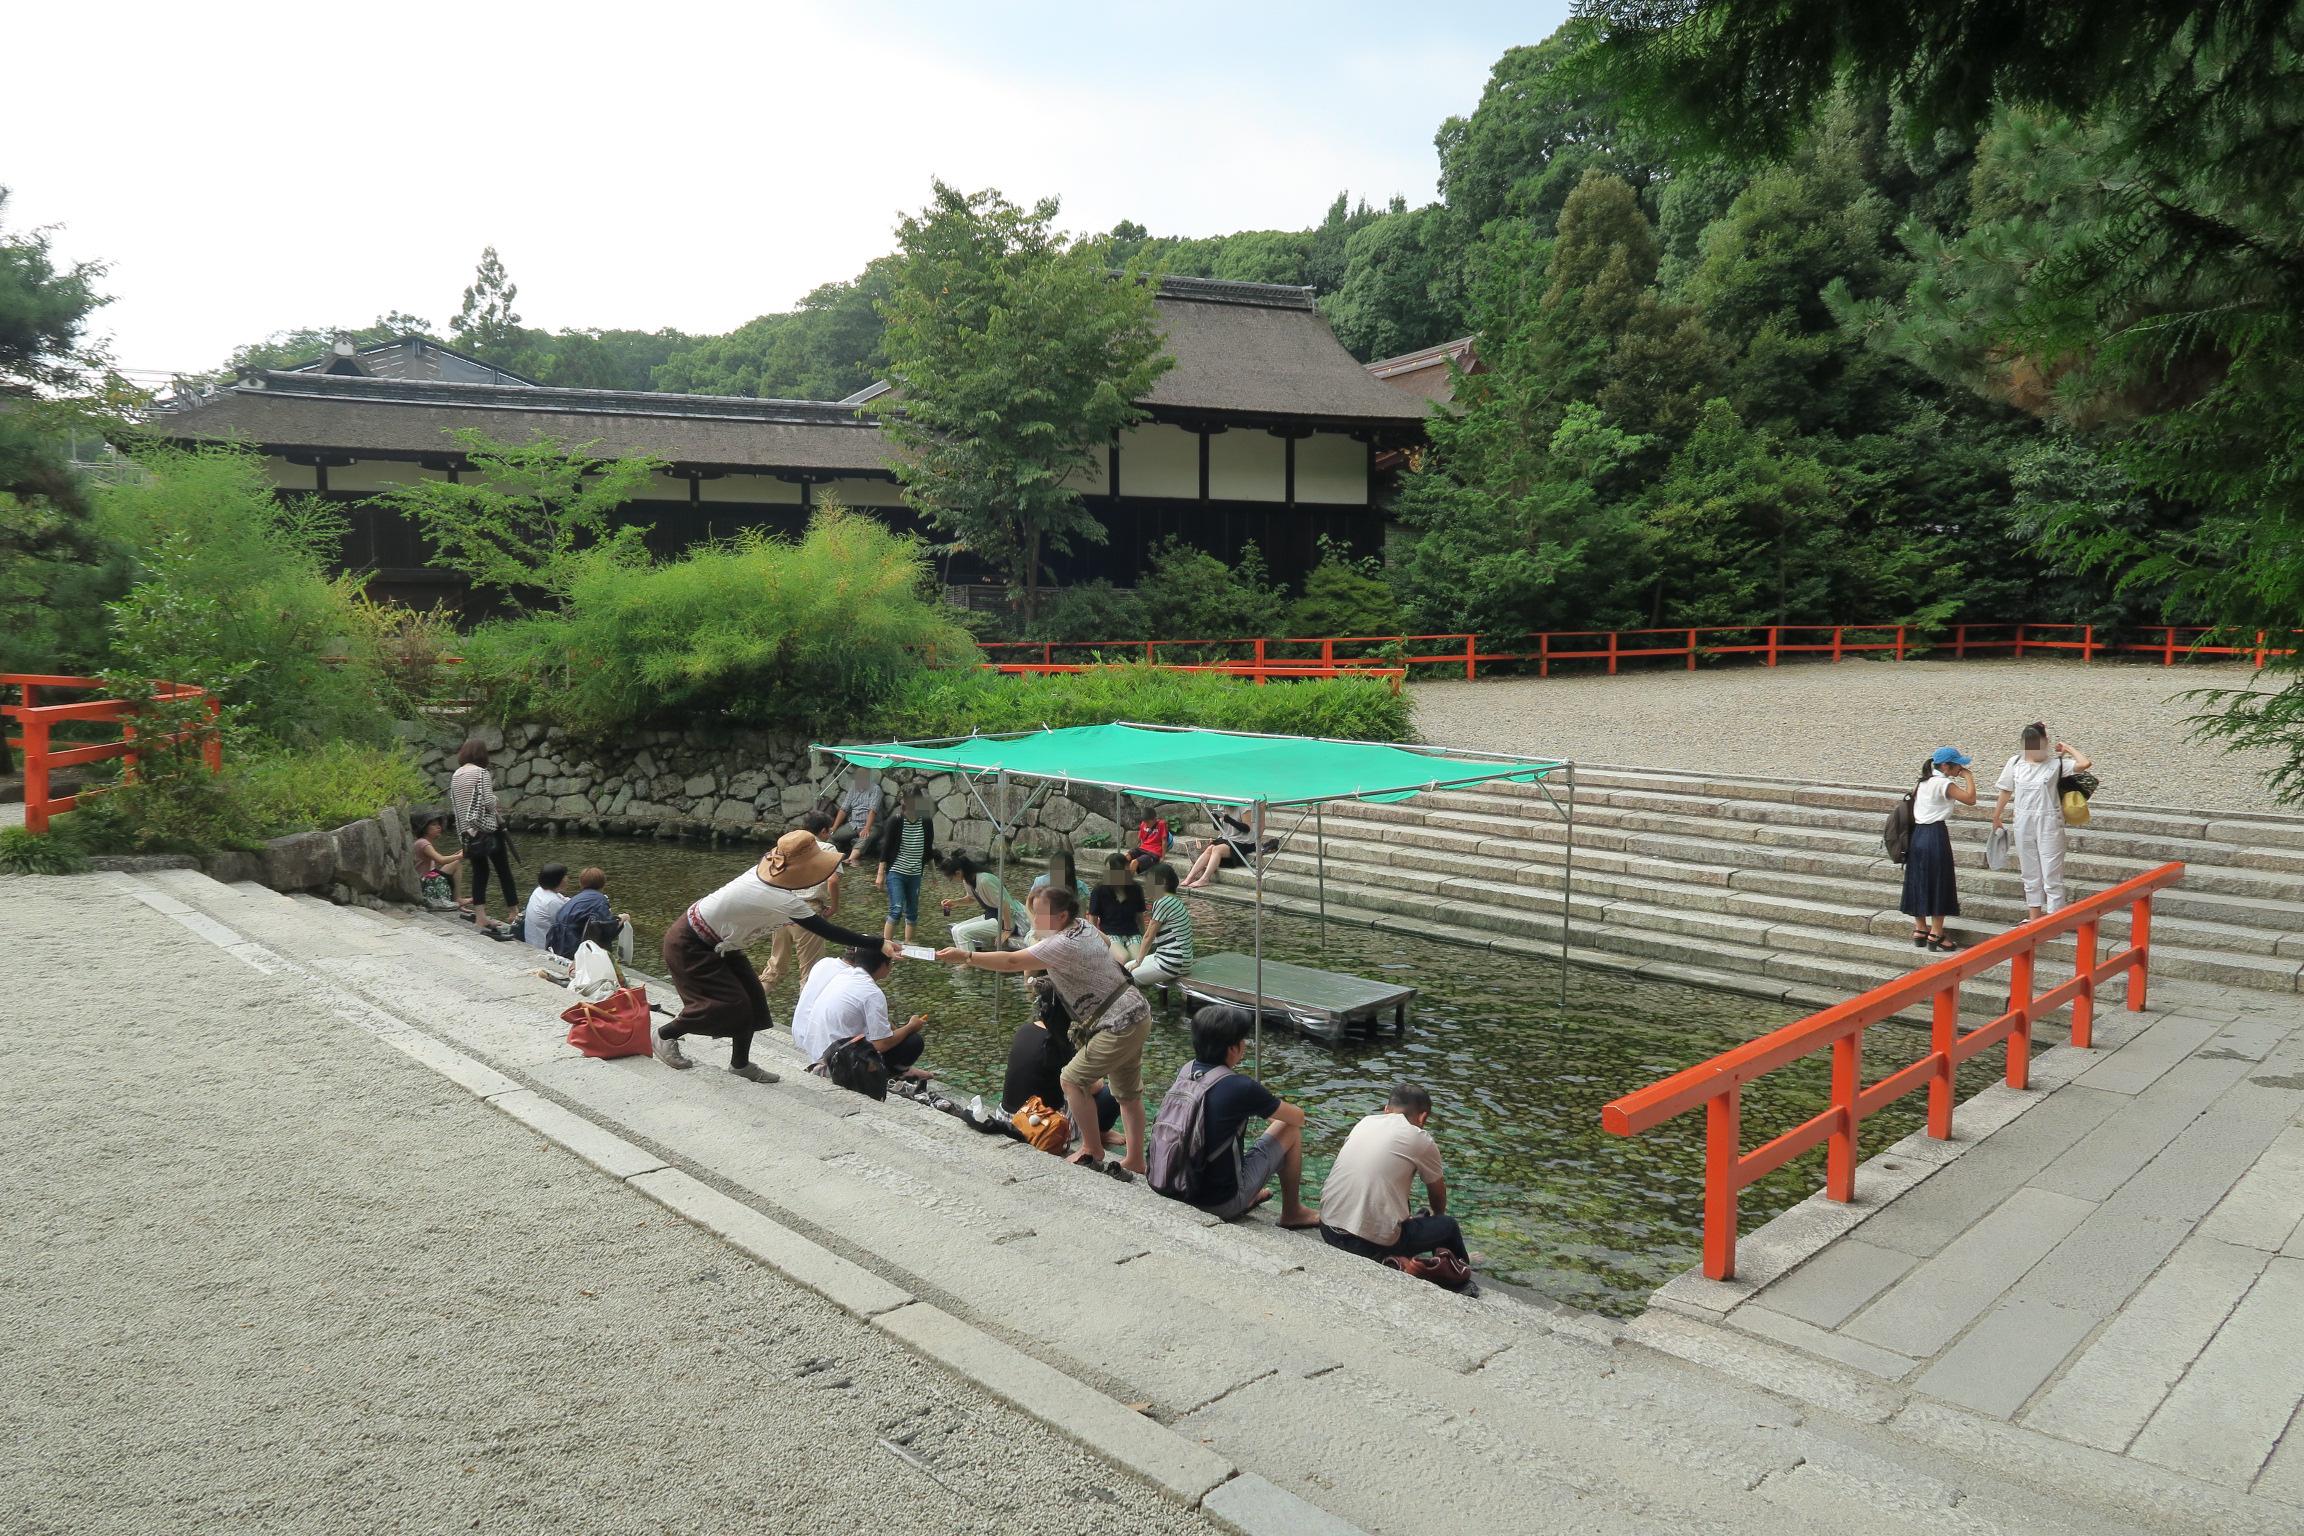 輪橋(そりはし)の奥には、御手洗川に足をつけられるスペースが設けられていました。